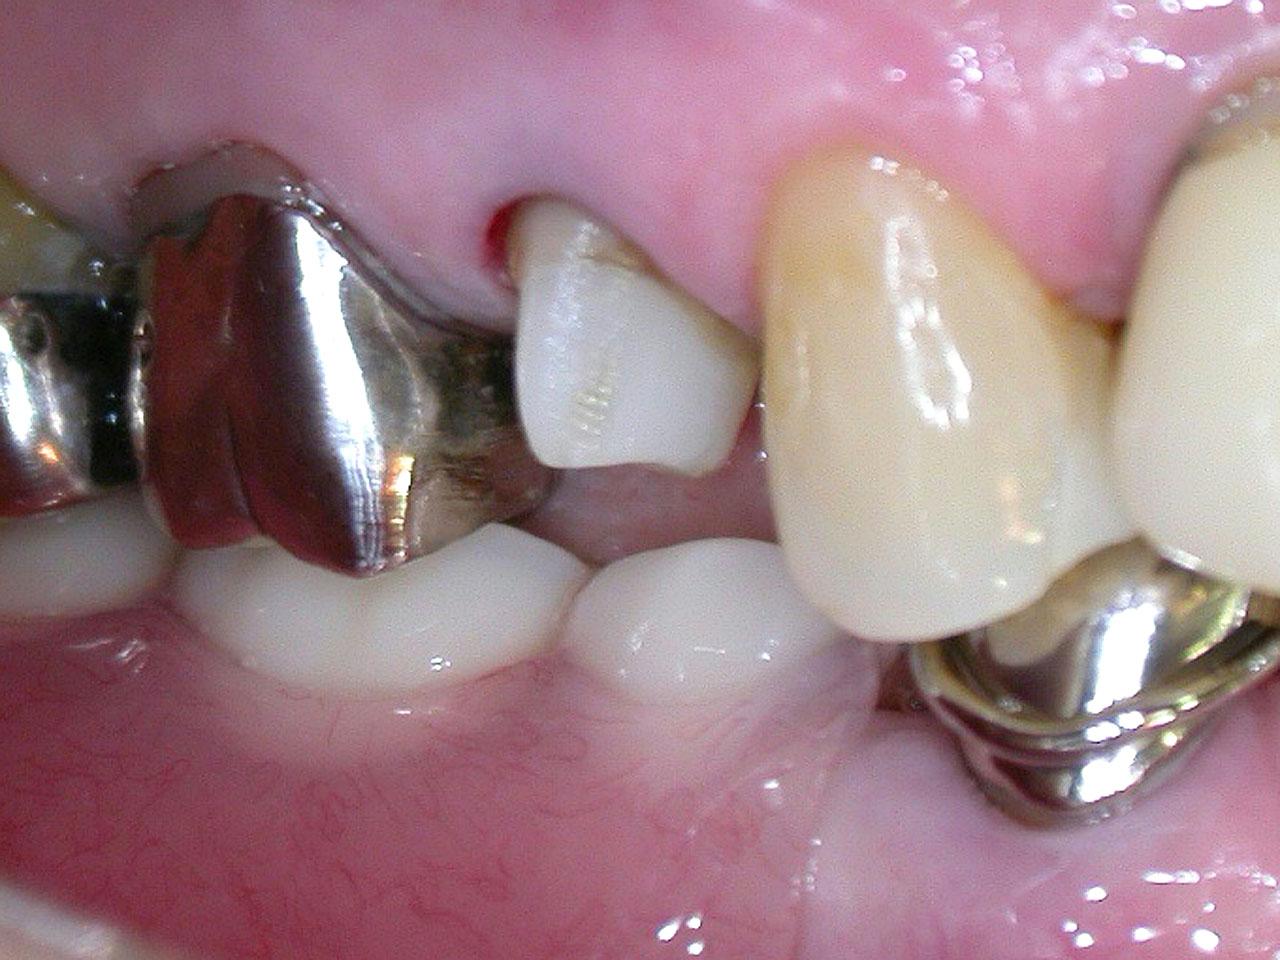 福井歯科 矯正歯科クリニック